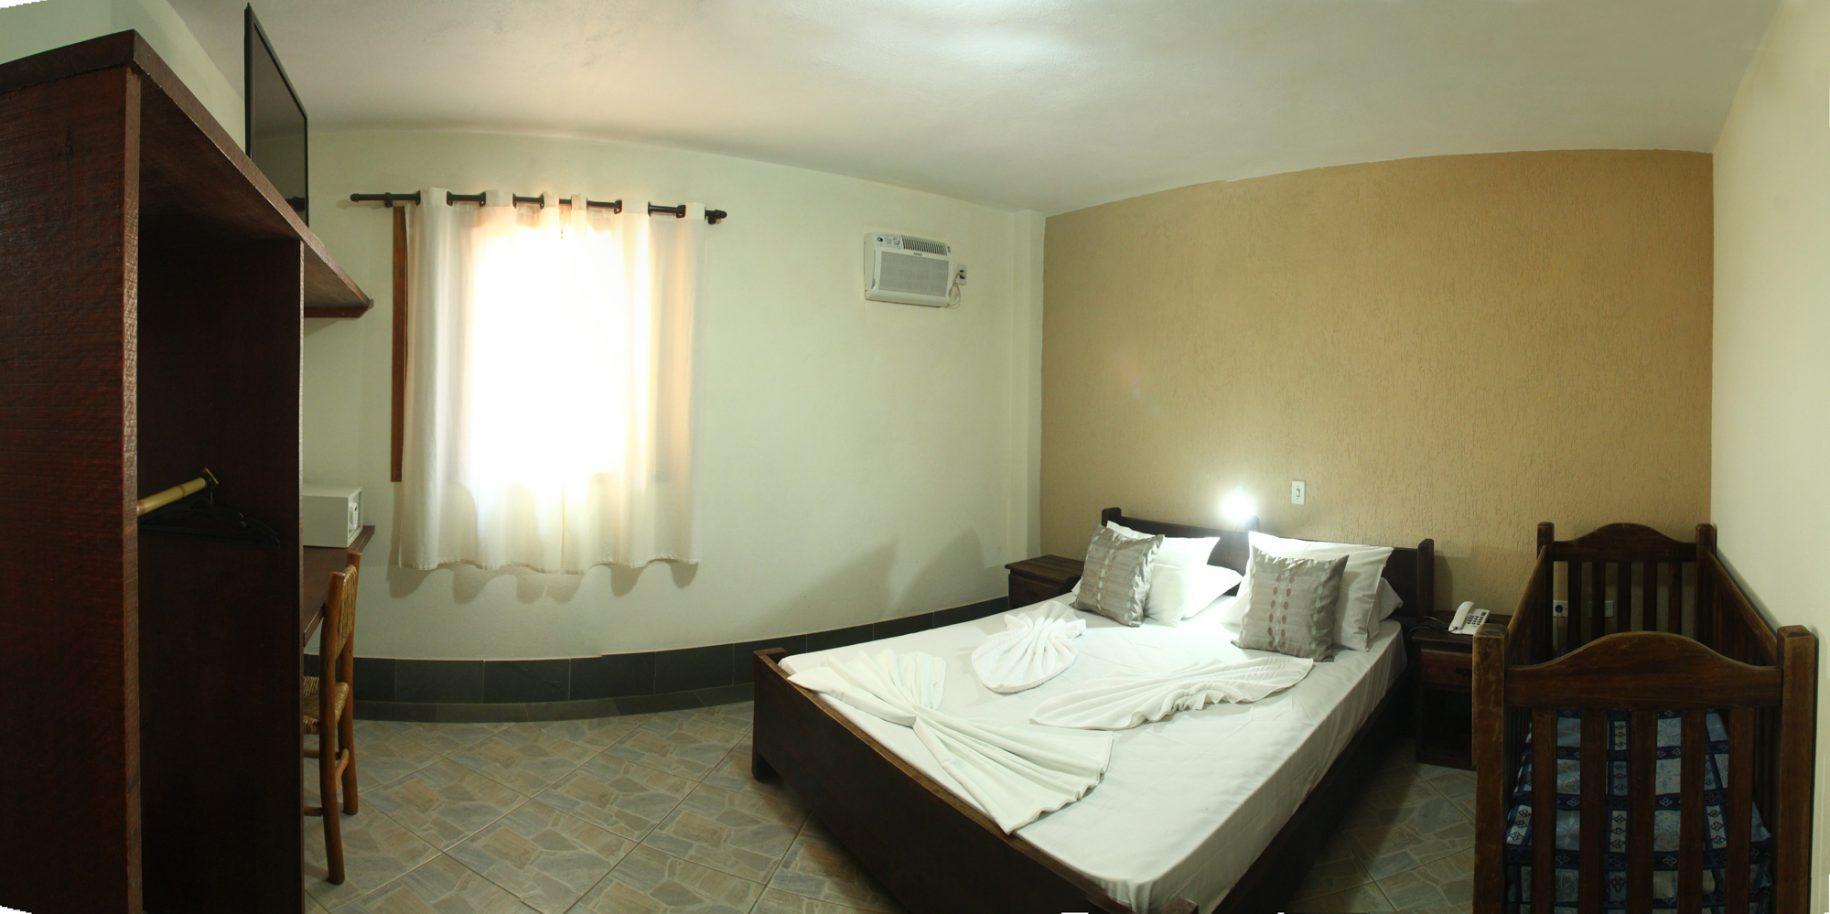 Quarto de um dos chalés do hotel fazenda parque dos sonhos com, cama de casal, berço, ar condicionado quente e frio, cofre, televisão de led e frigobar